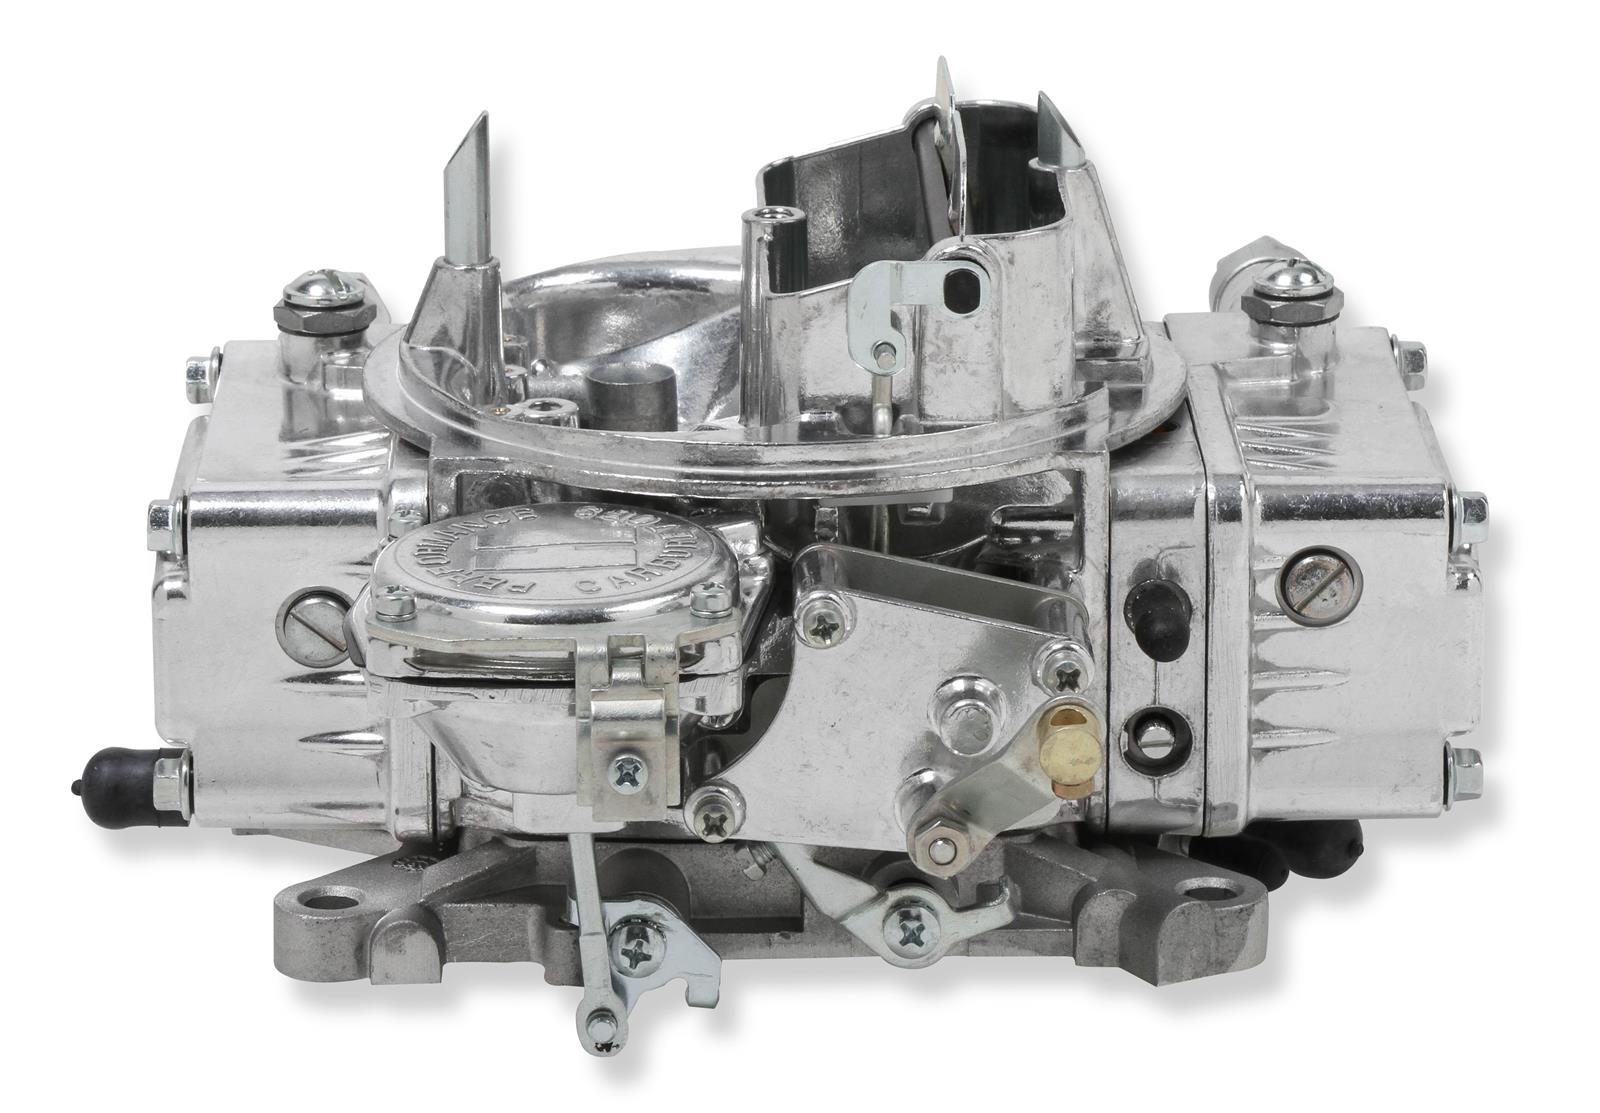 holley 4160 nonadjustable float carburetor 4bbl 600 cfm. Black Bedroom Furniture Sets. Home Design Ideas